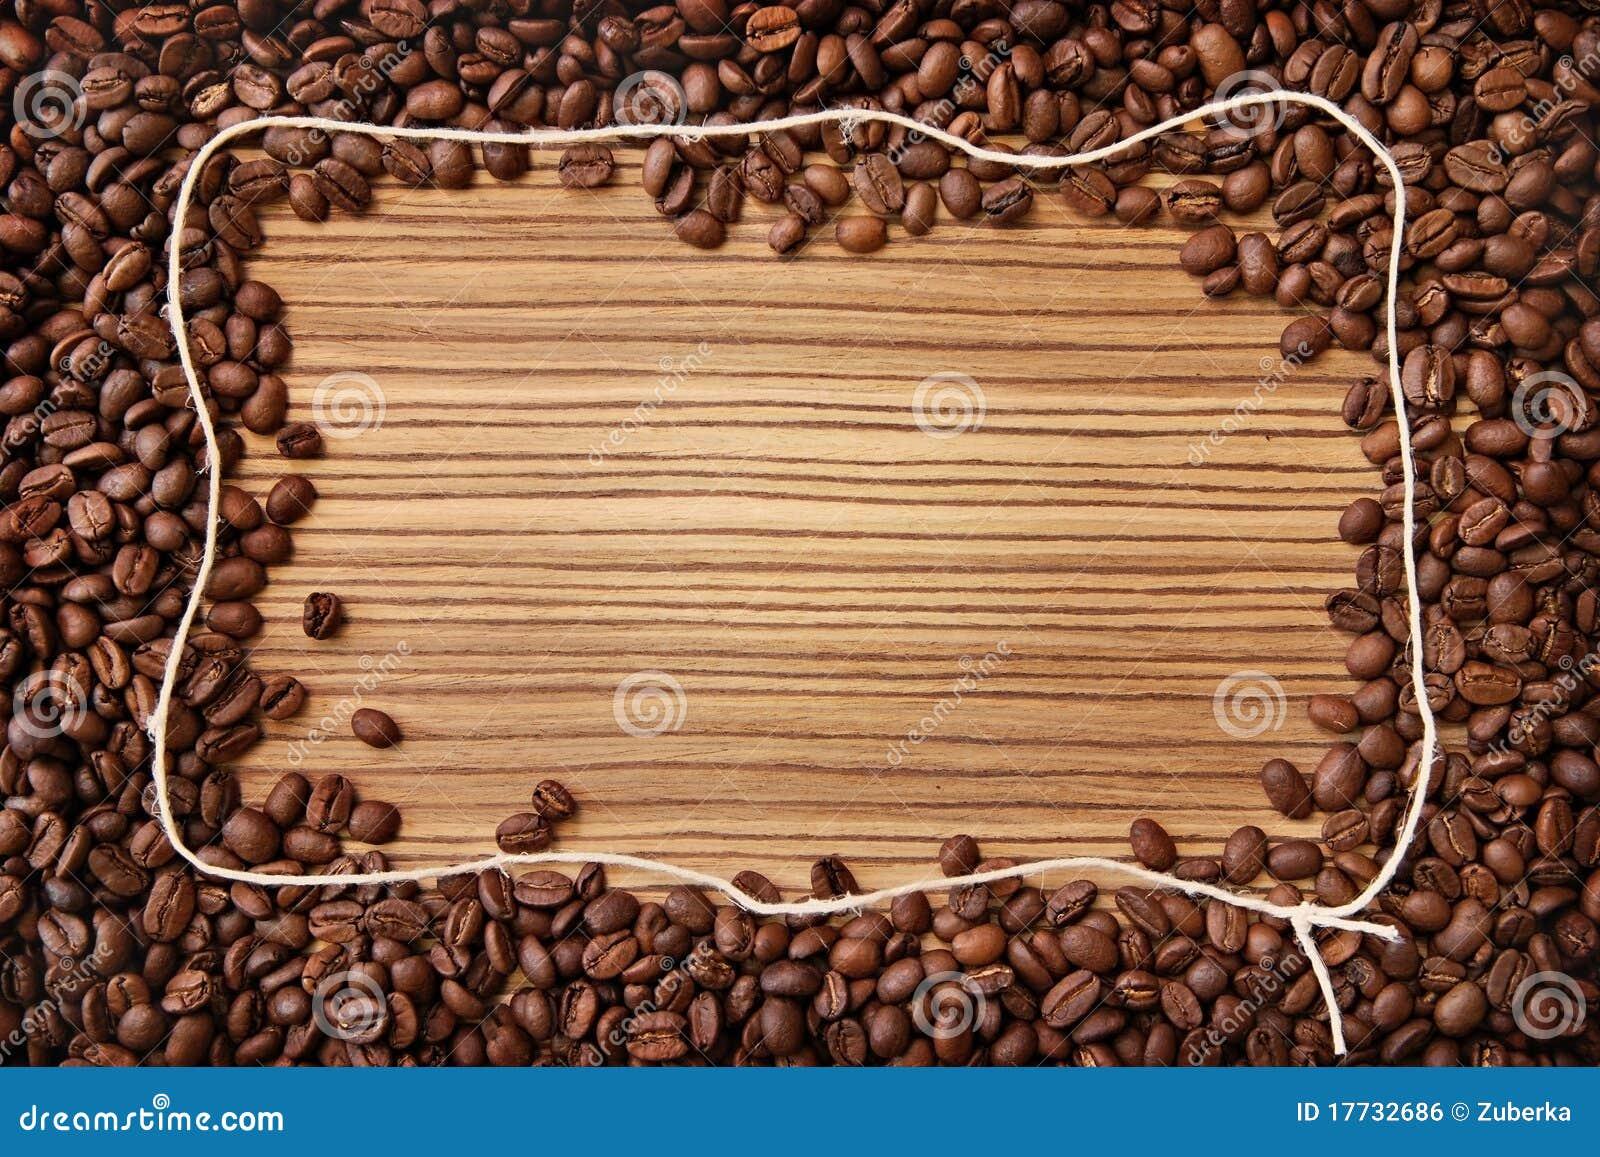 coffee frame stock image 92746999. Black Bedroom Furniture Sets. Home Design Ideas